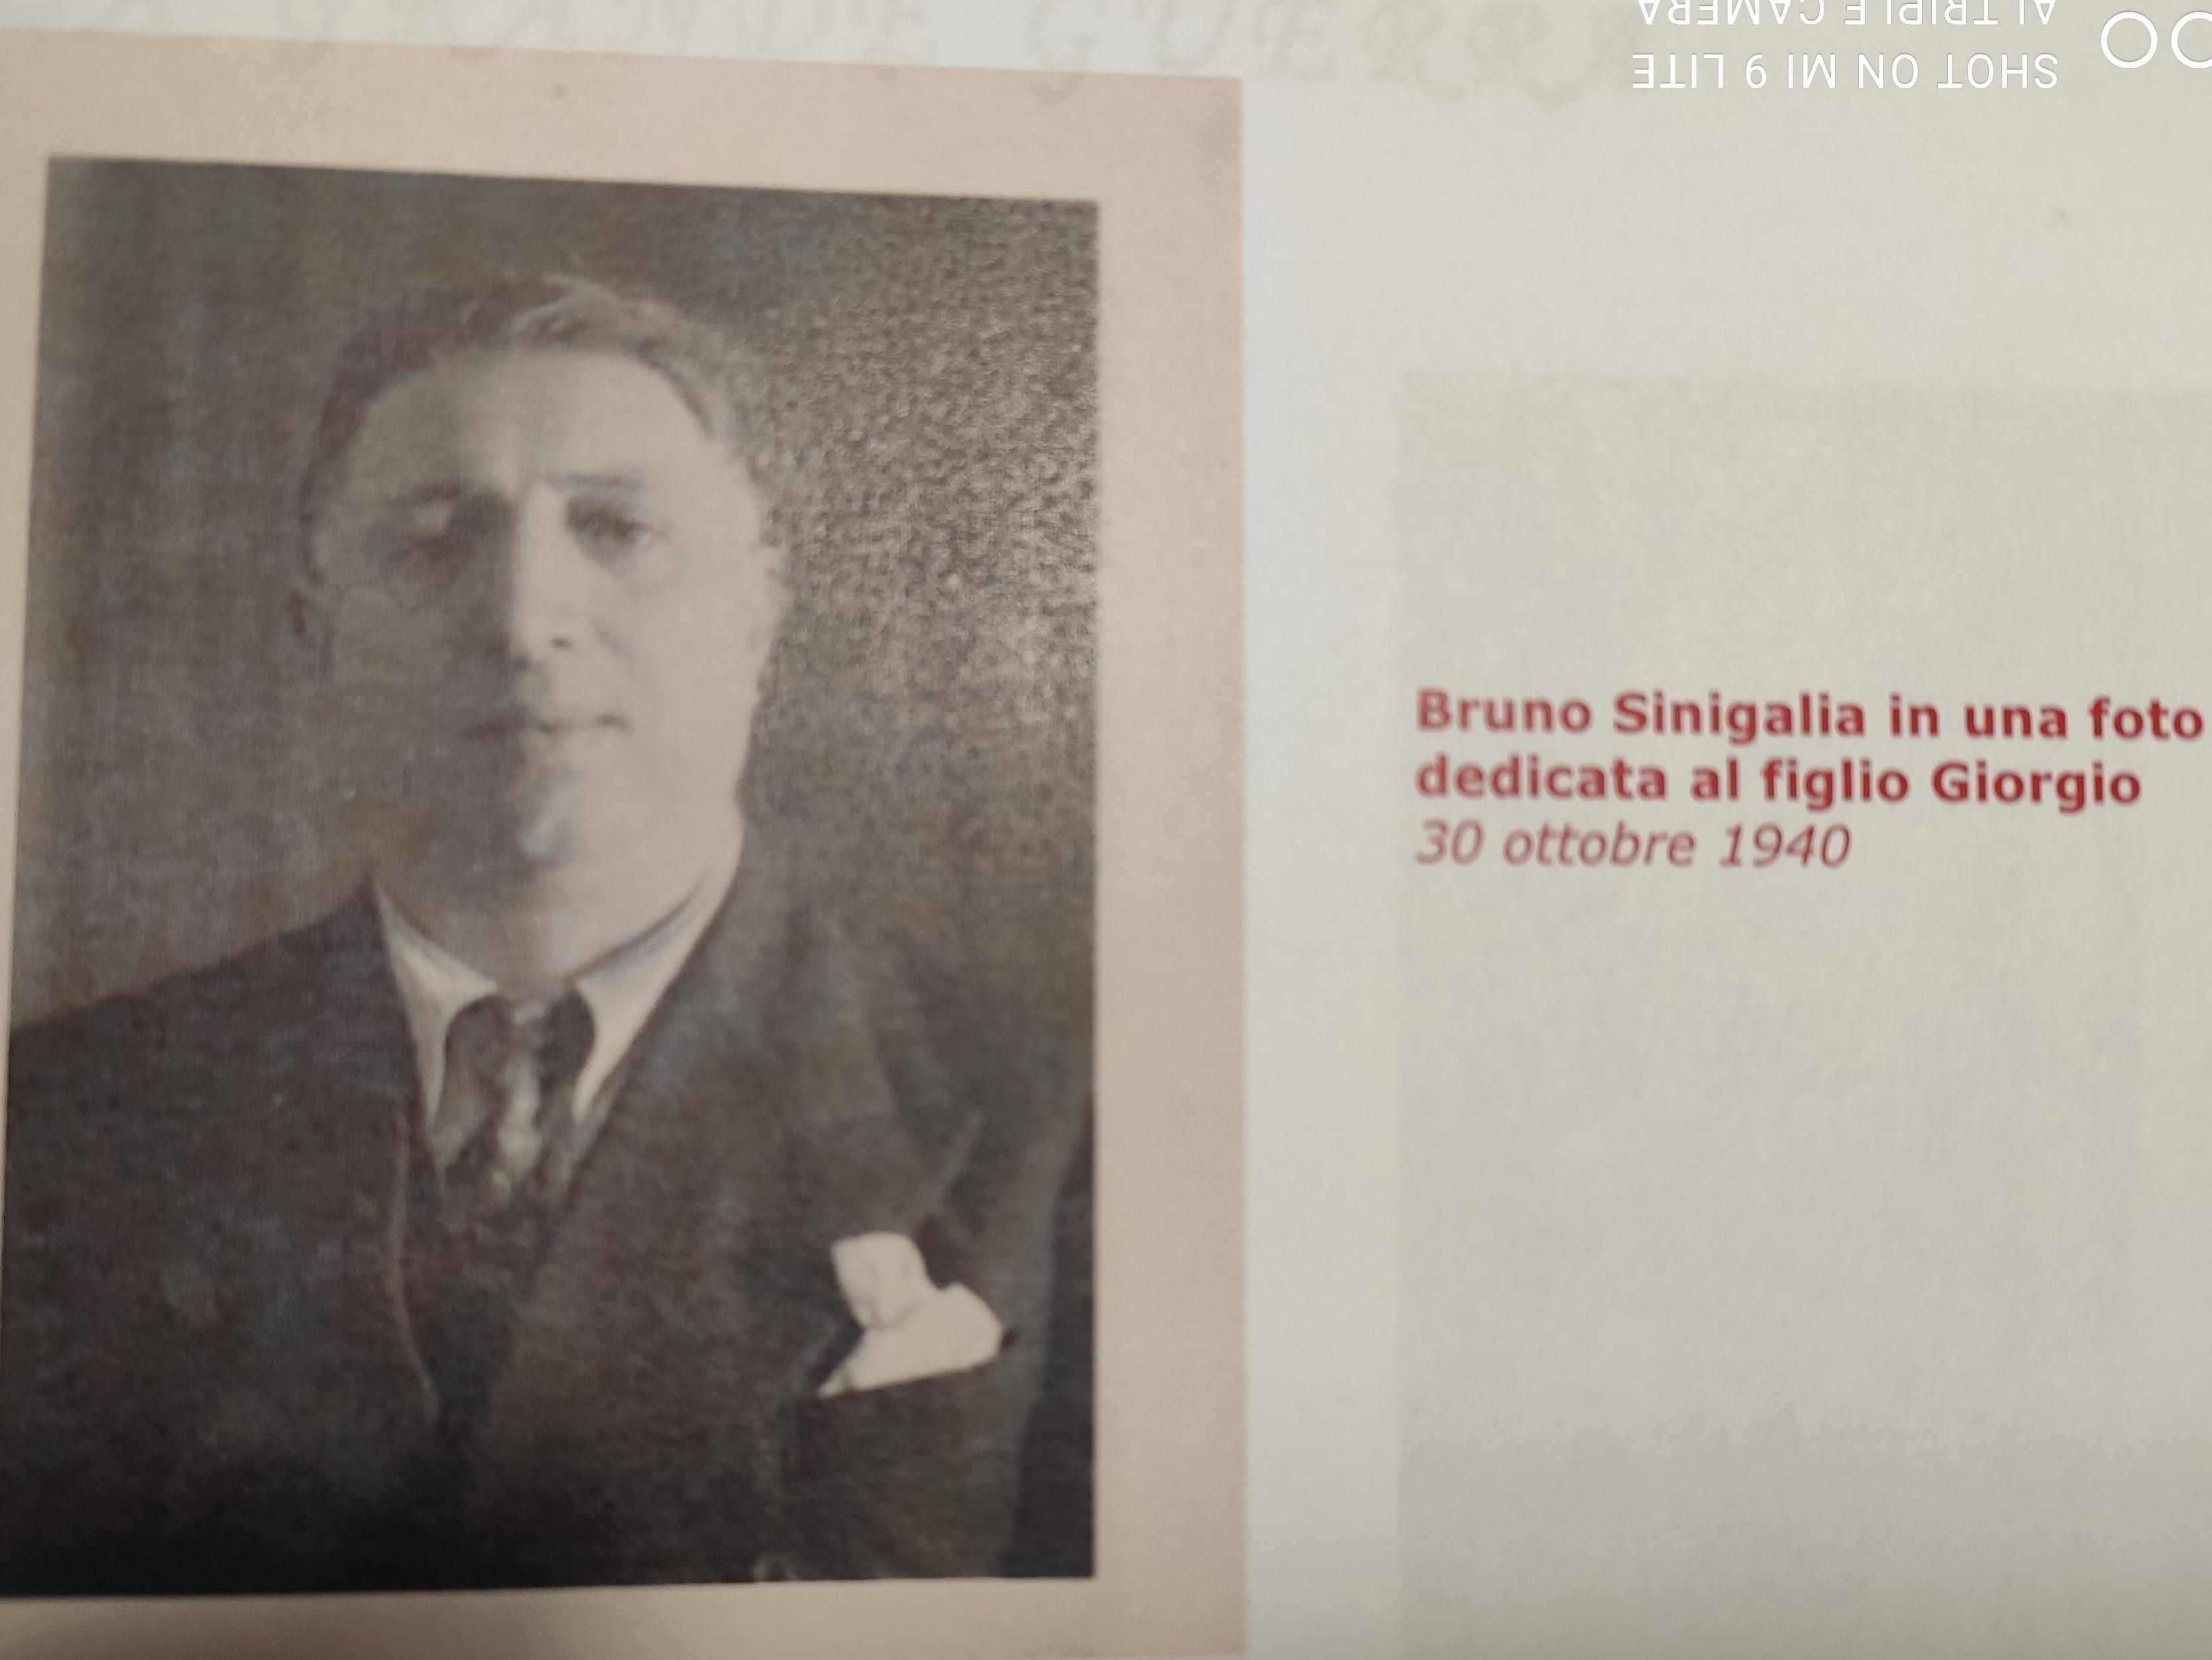 Bruno Sinigaglia